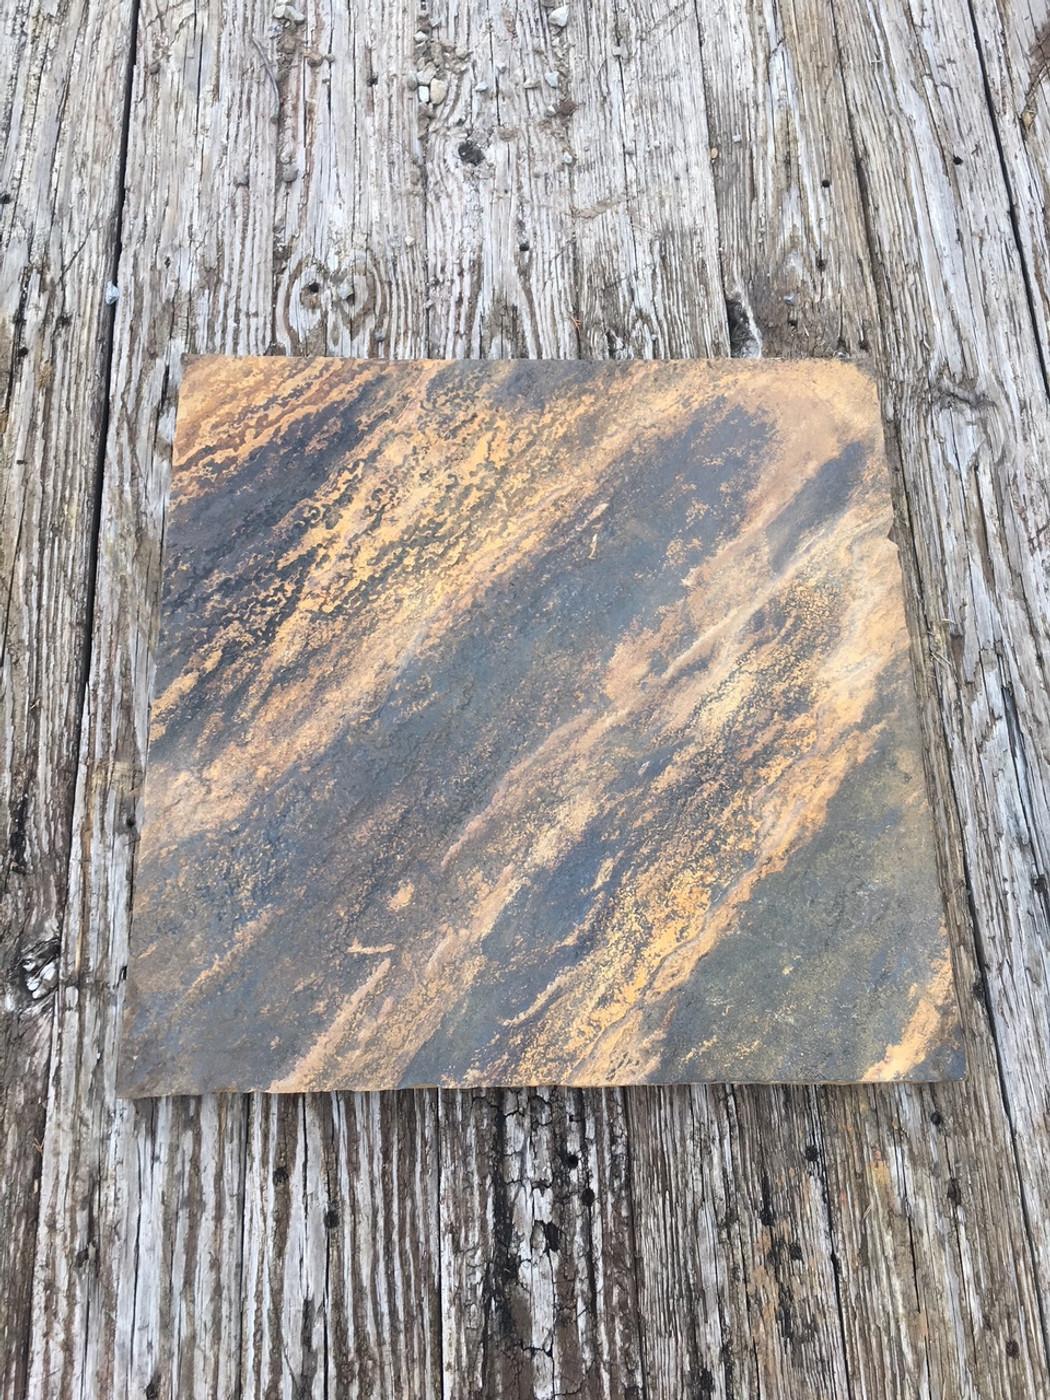 Stone Base - Crab Orchard Stone